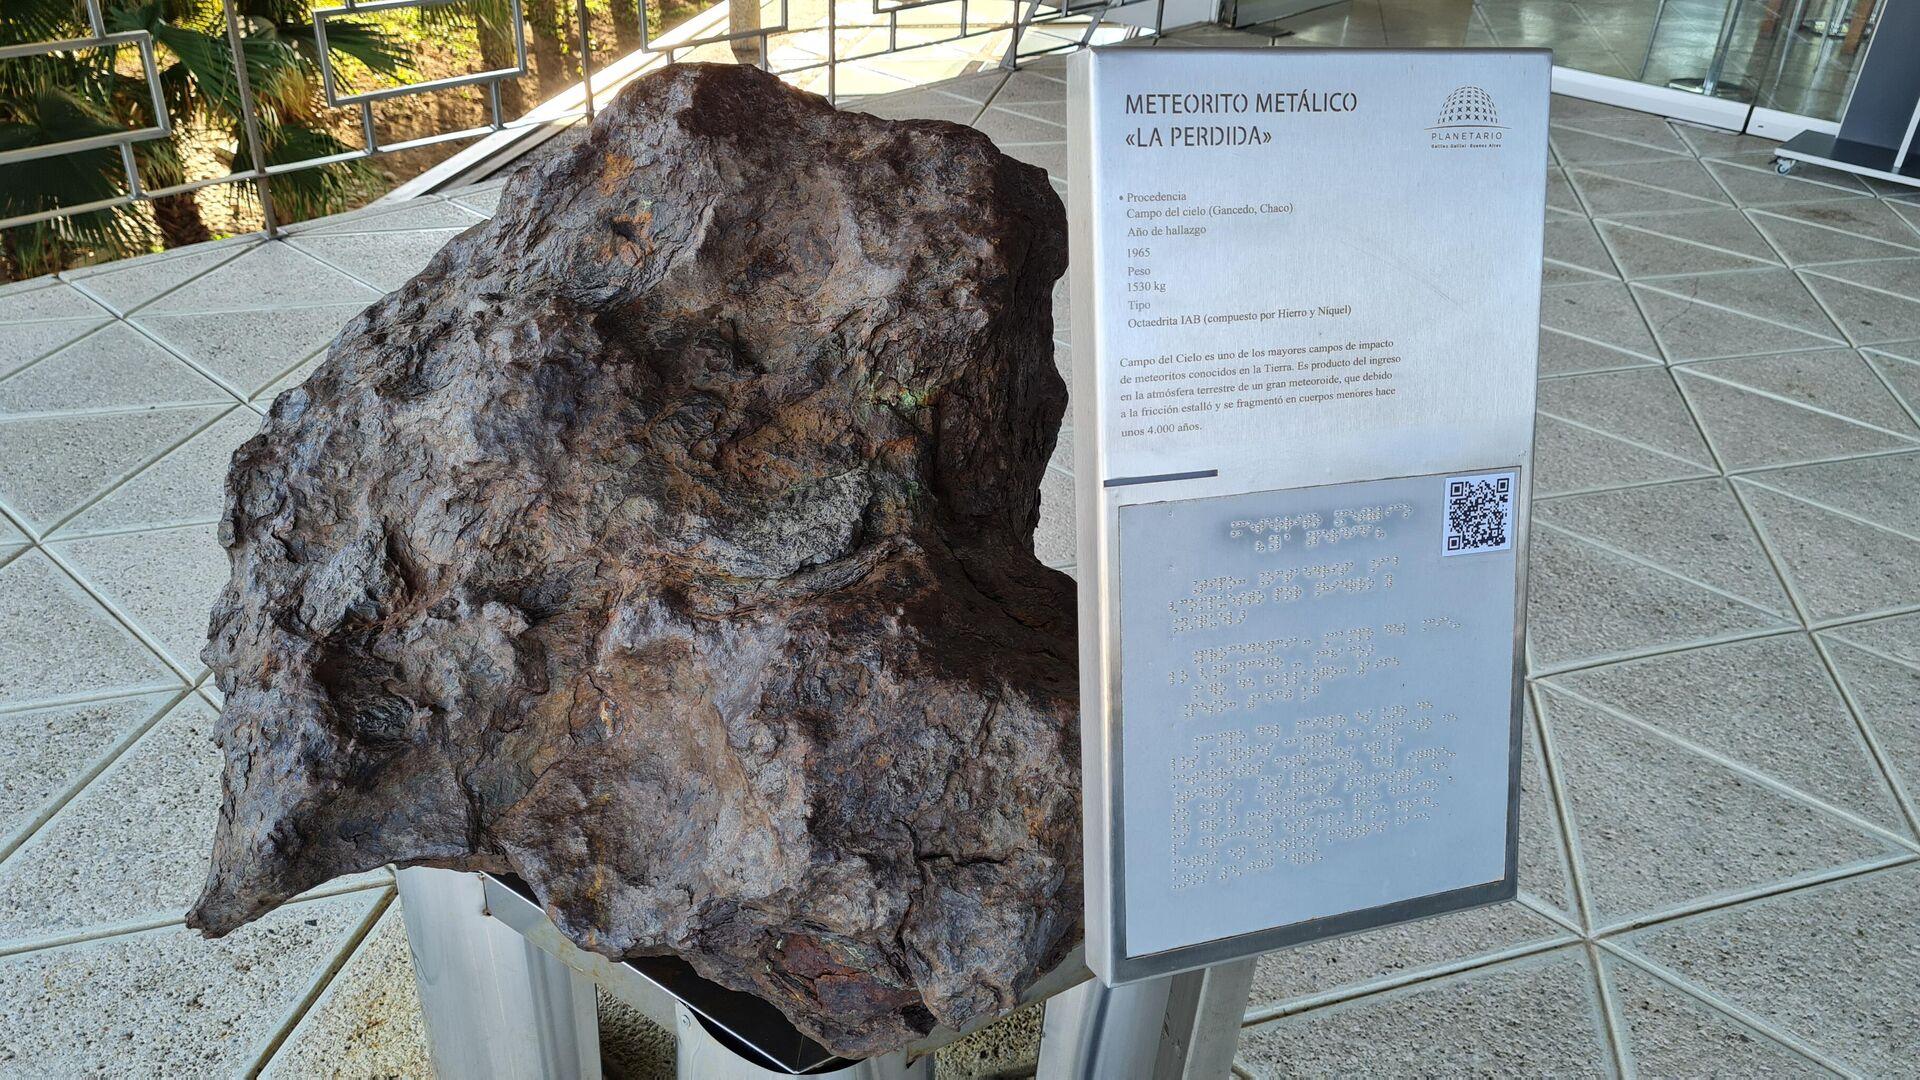 El meteorito metálico apodado 'La Perdida' fue encontrado en 1965 en la provincia del Chaco - Sputnik Mundo, 1920, 23.07.2021